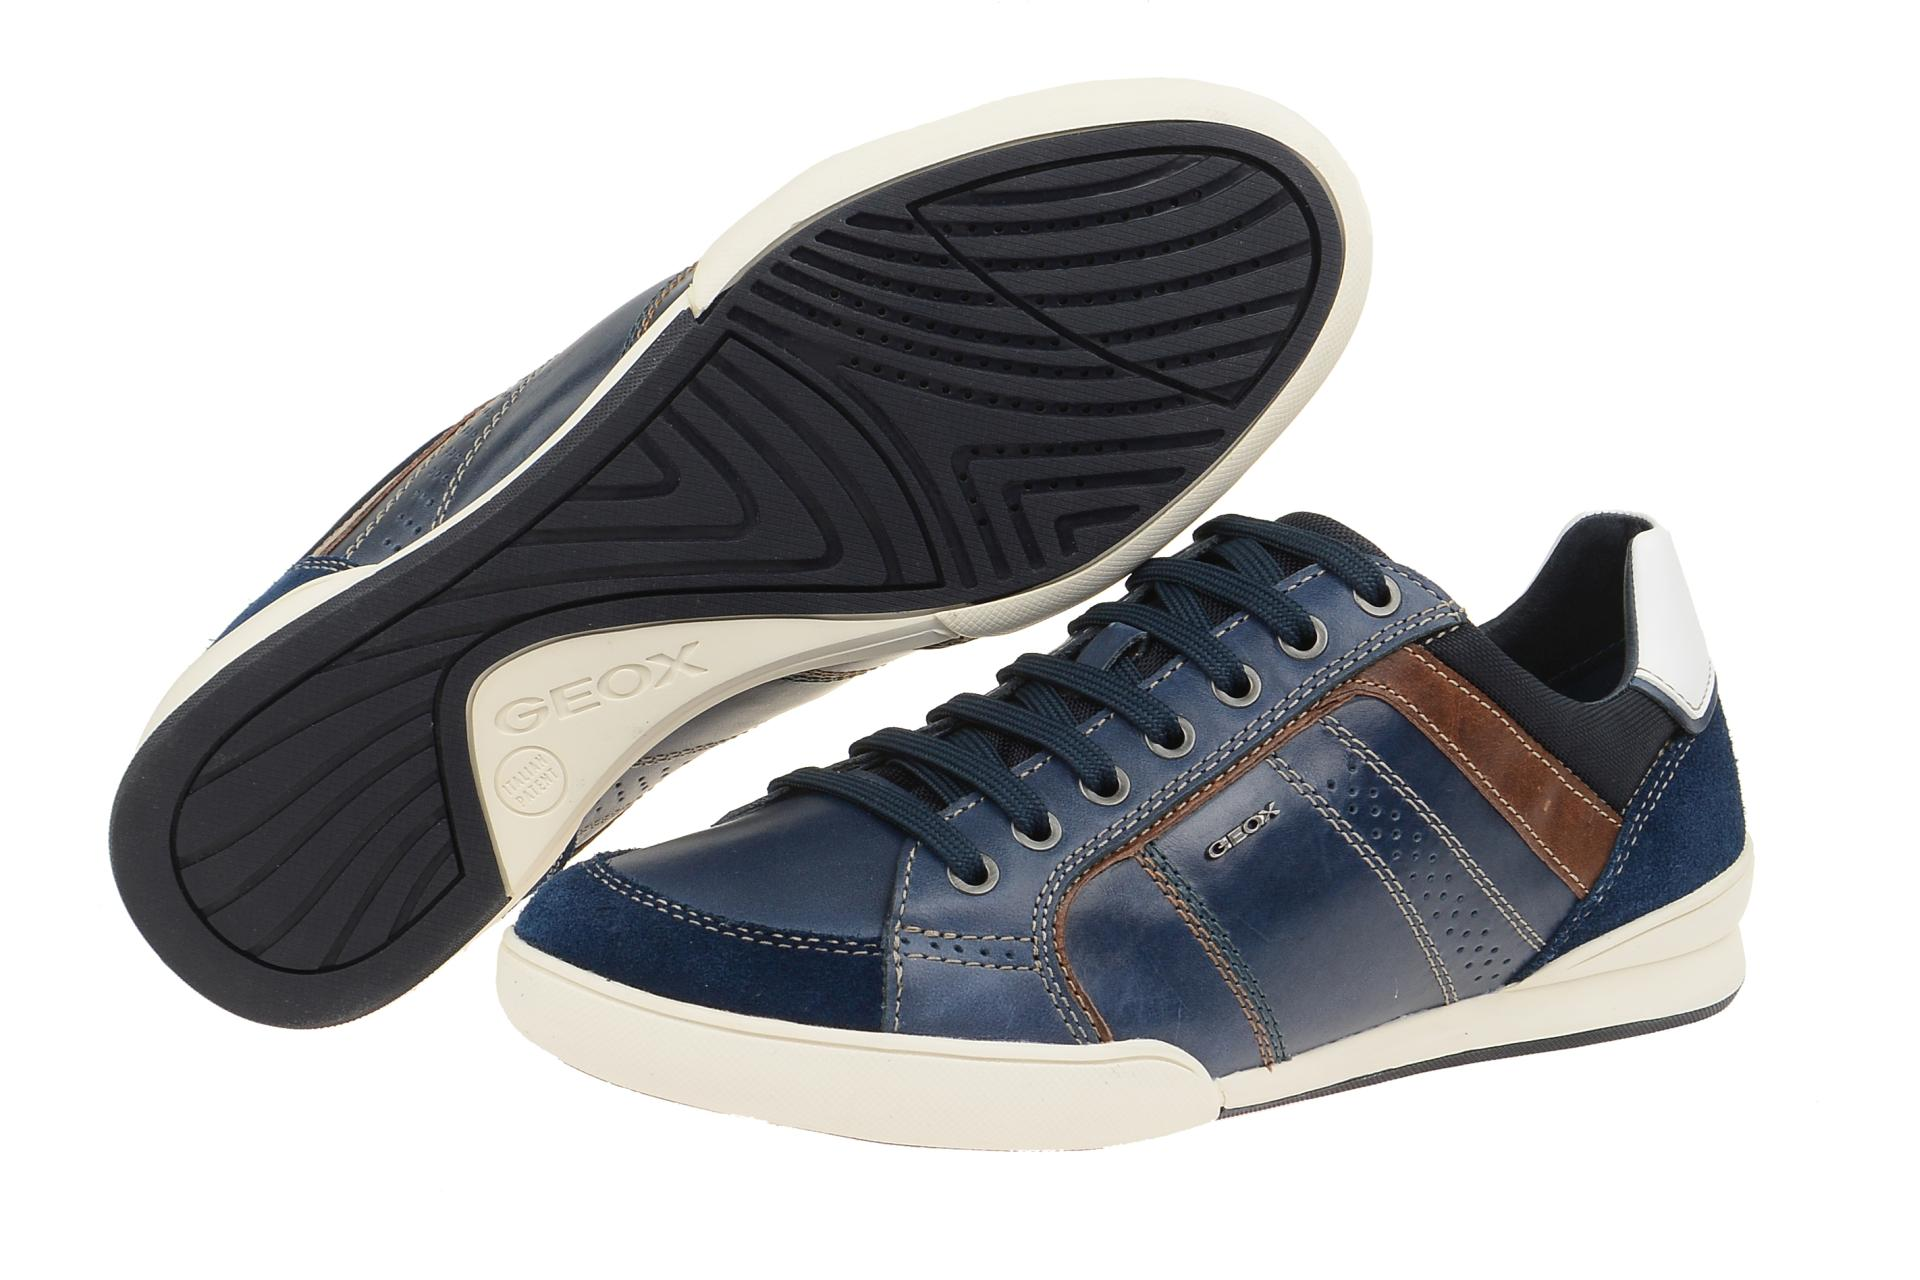 Geox Schuhe KRISTOF blau Herrenschuhe sportliche Halbschuhe U620EA 0FF22 C4072